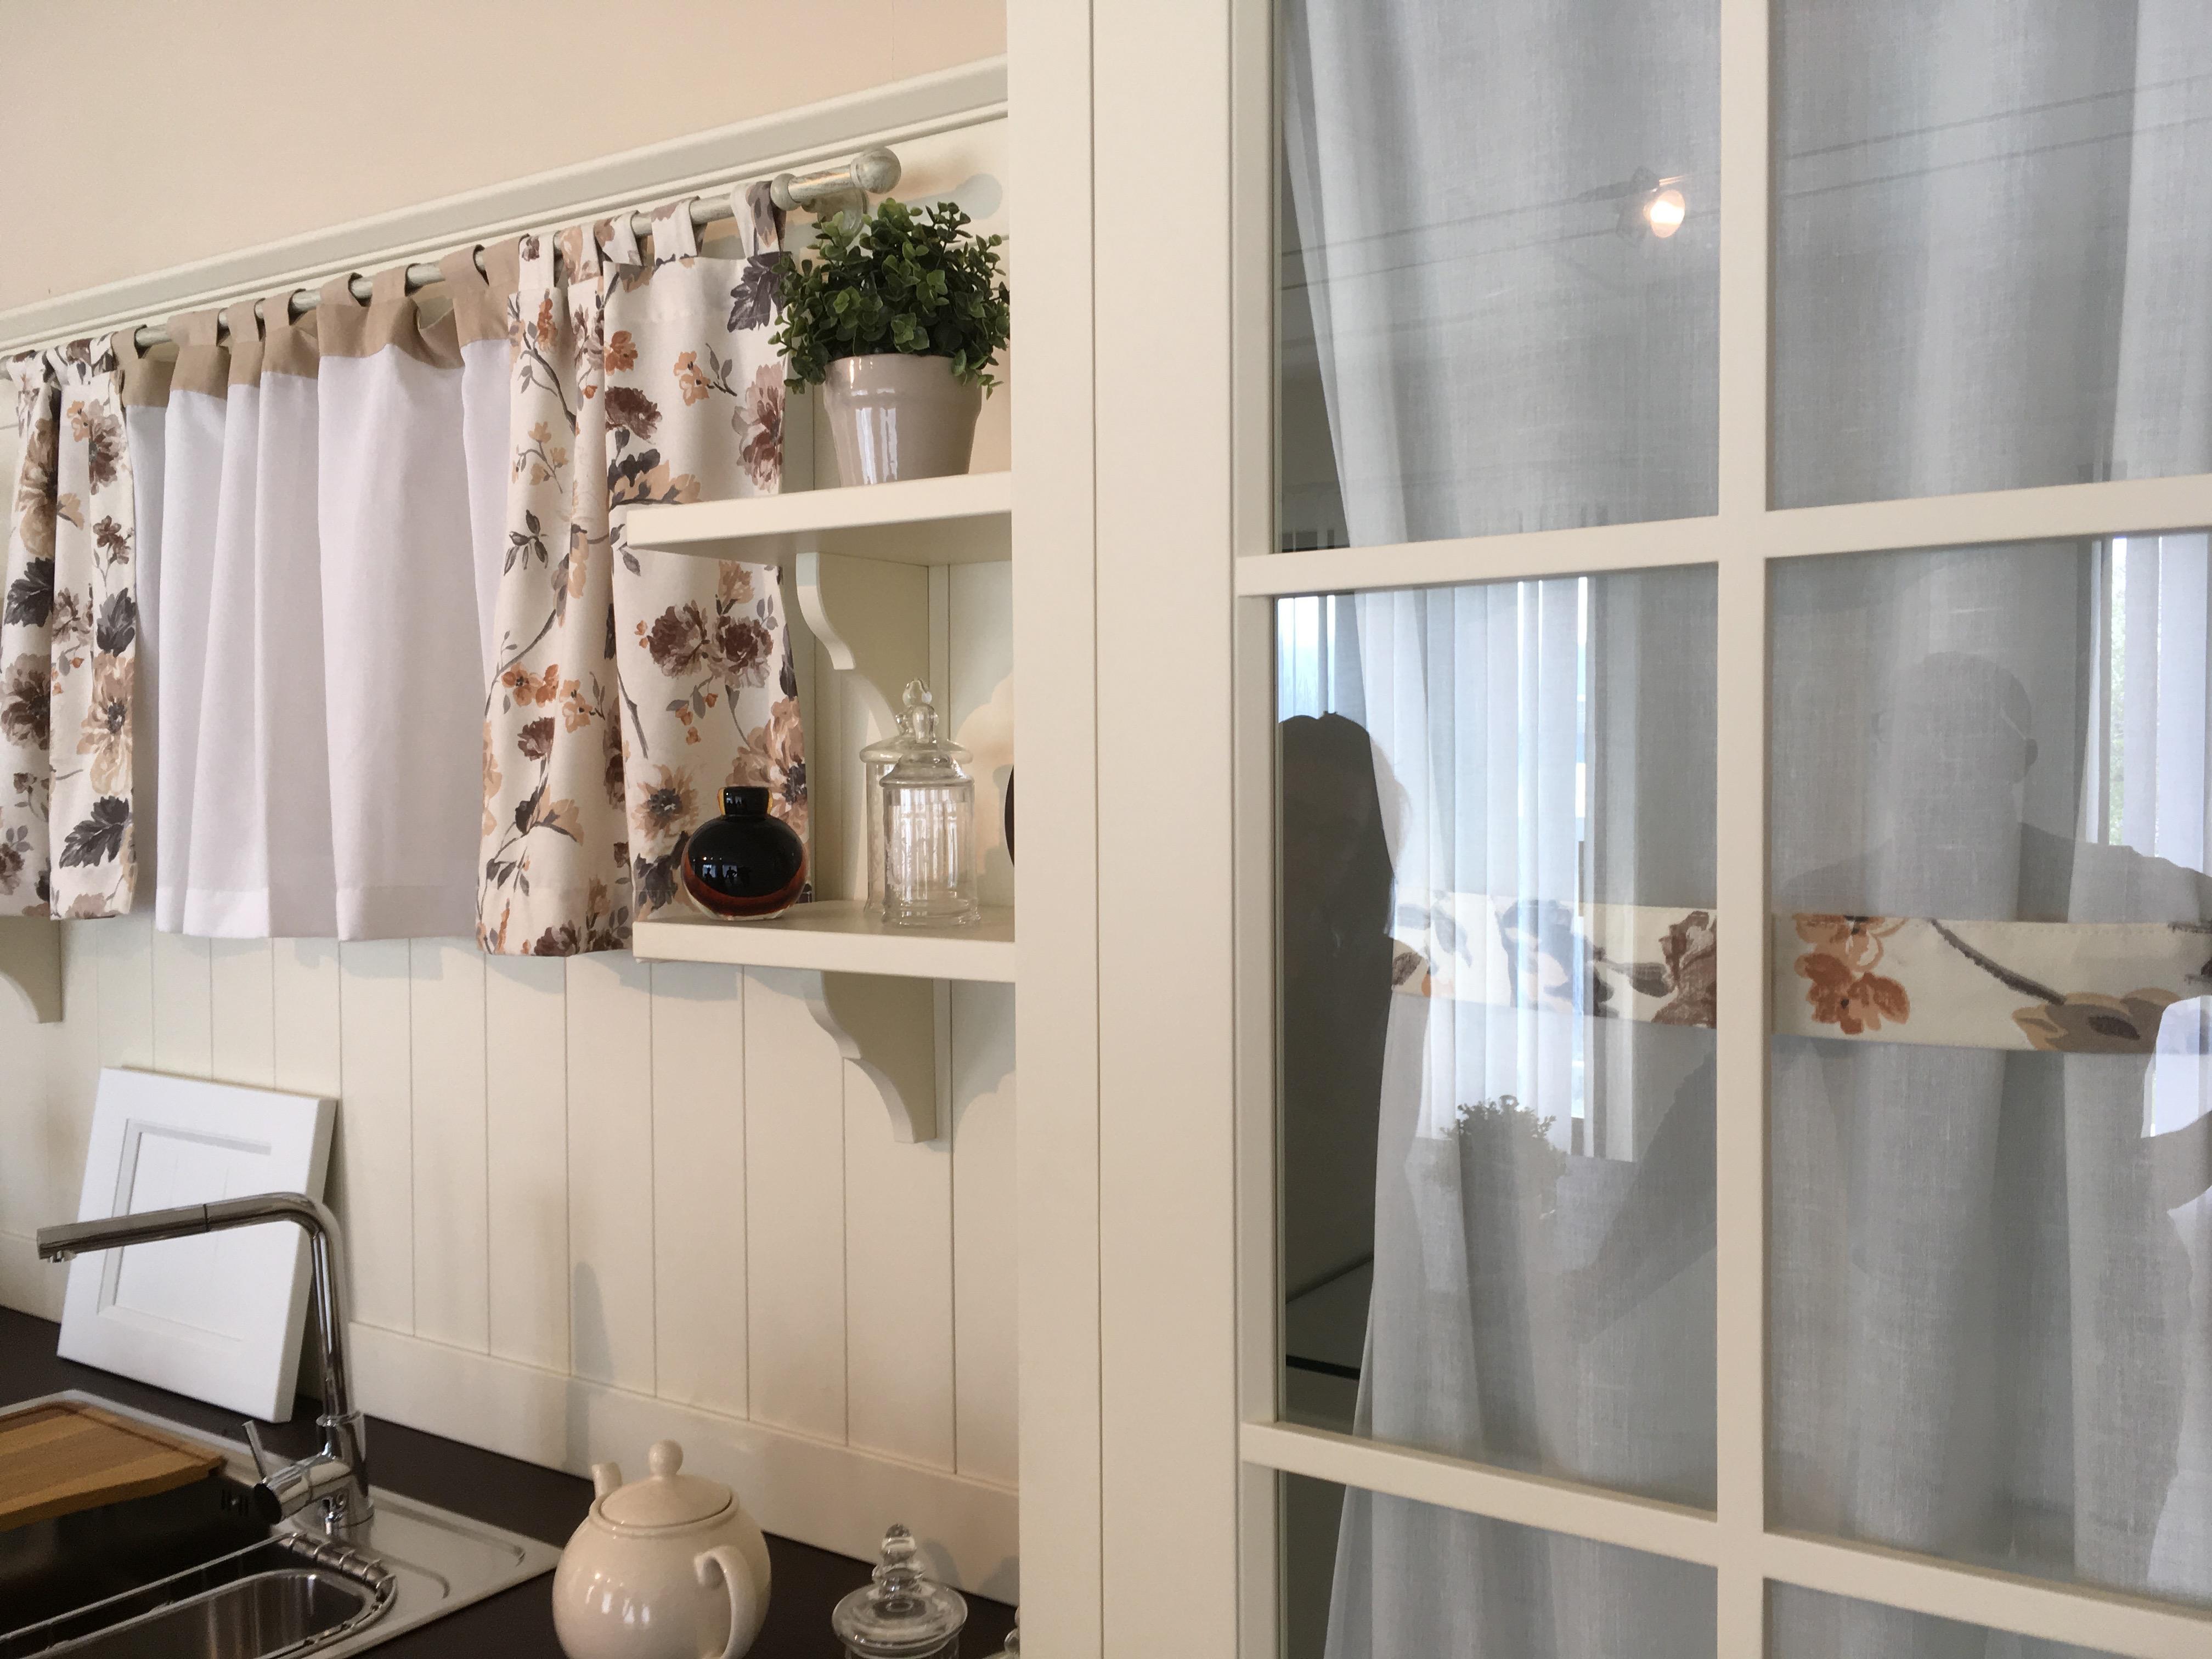 Romantische Küchen romantisch wohnen bilder ideen couchstyle